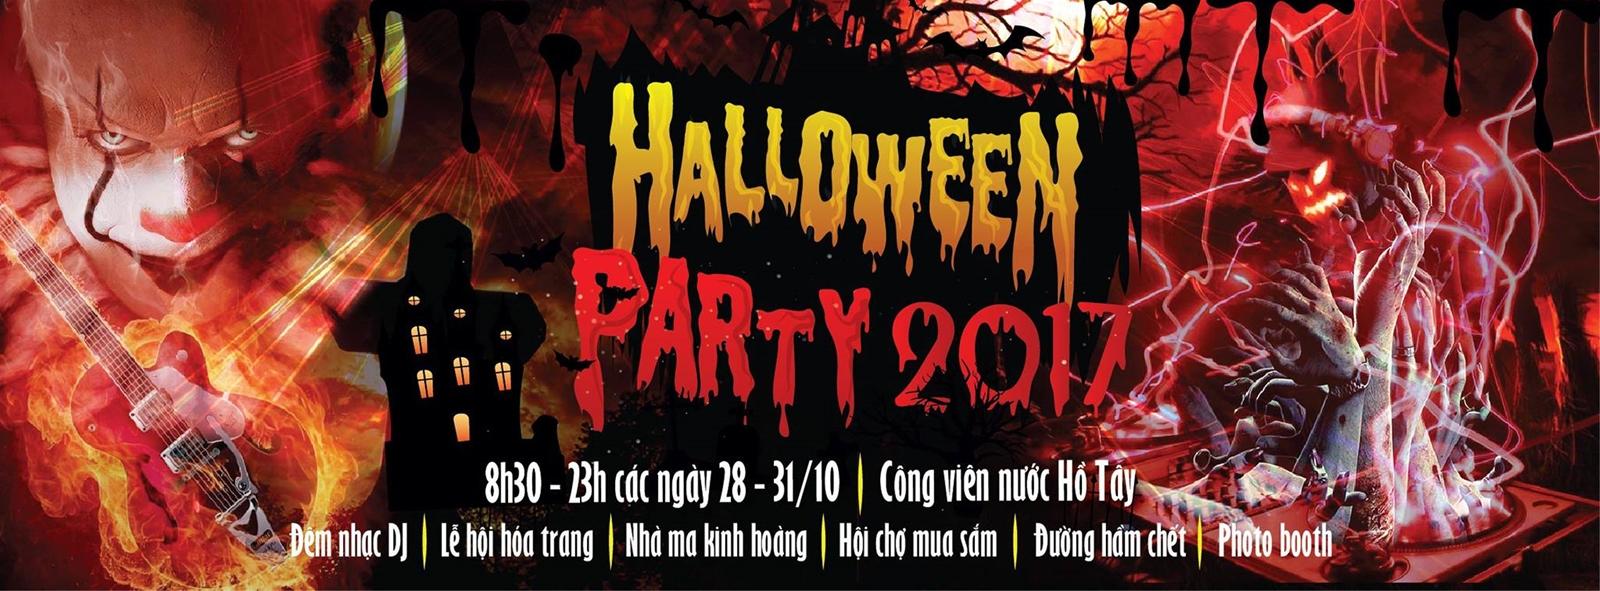 Những điểm đi chơi halloween tại Hà Nội 2017